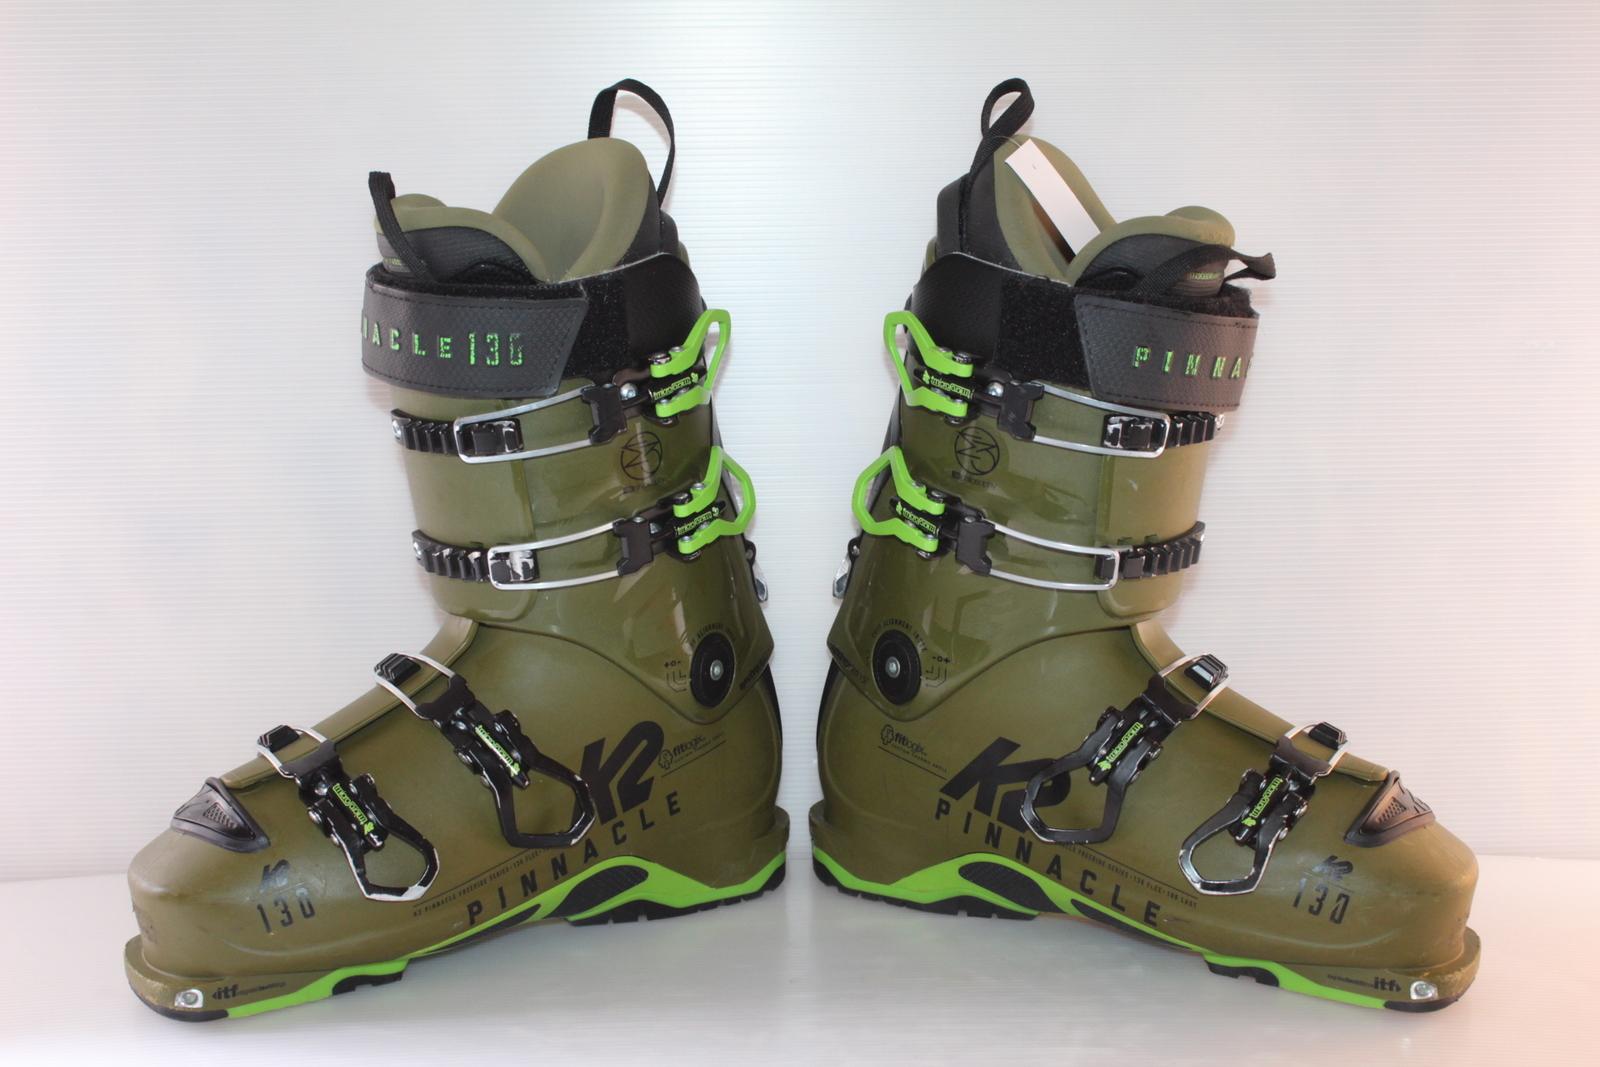 Skialpové boty K2 Pinnacle - skialp vel. EU42.5 flexe 130